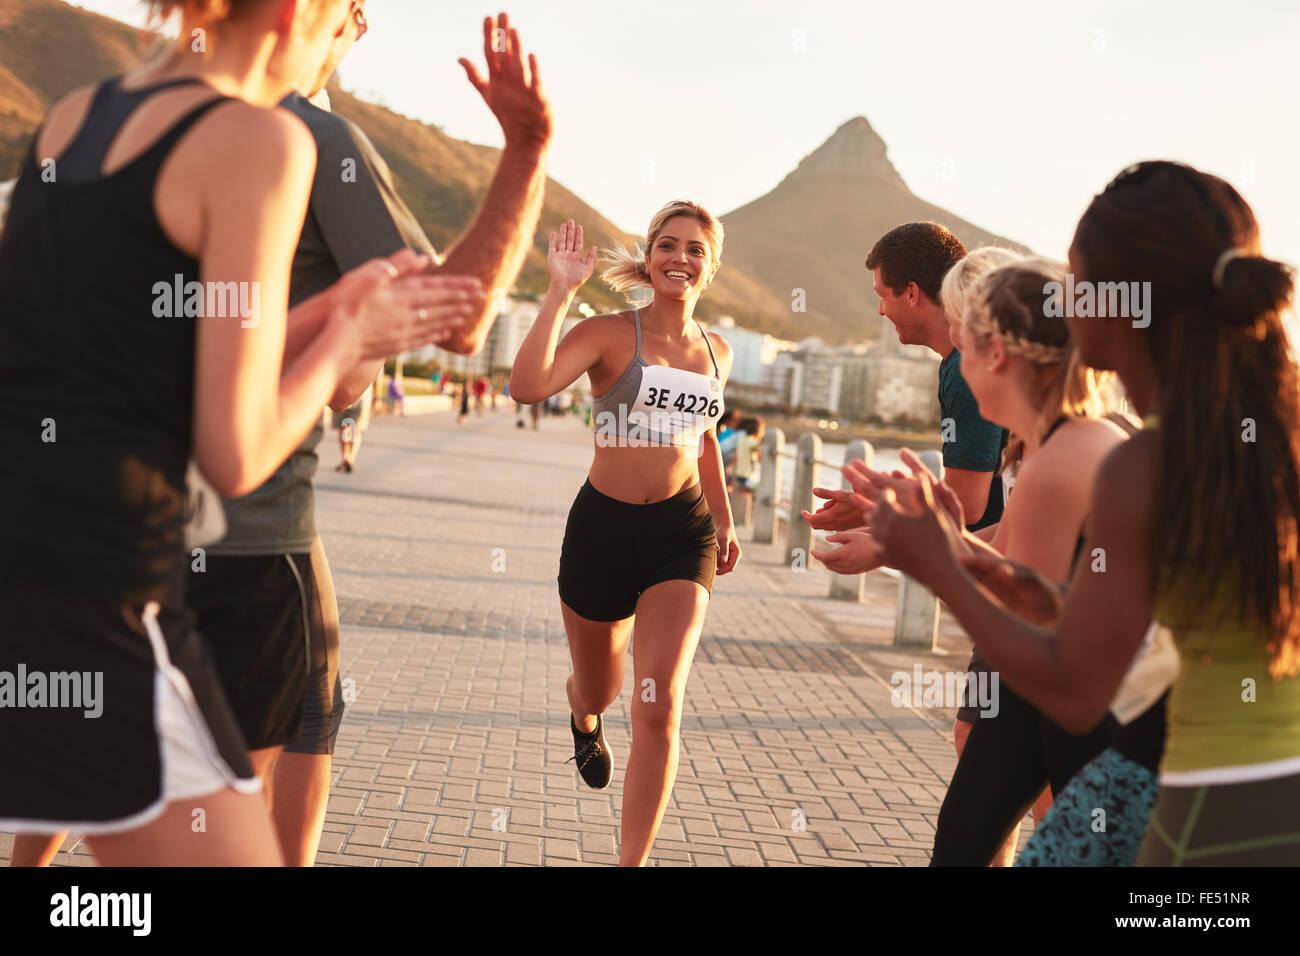 Grupo de espectadores animando los corredores justo antes de la línea de meta. Corredoras, terminando la carrera Imagen De Stock